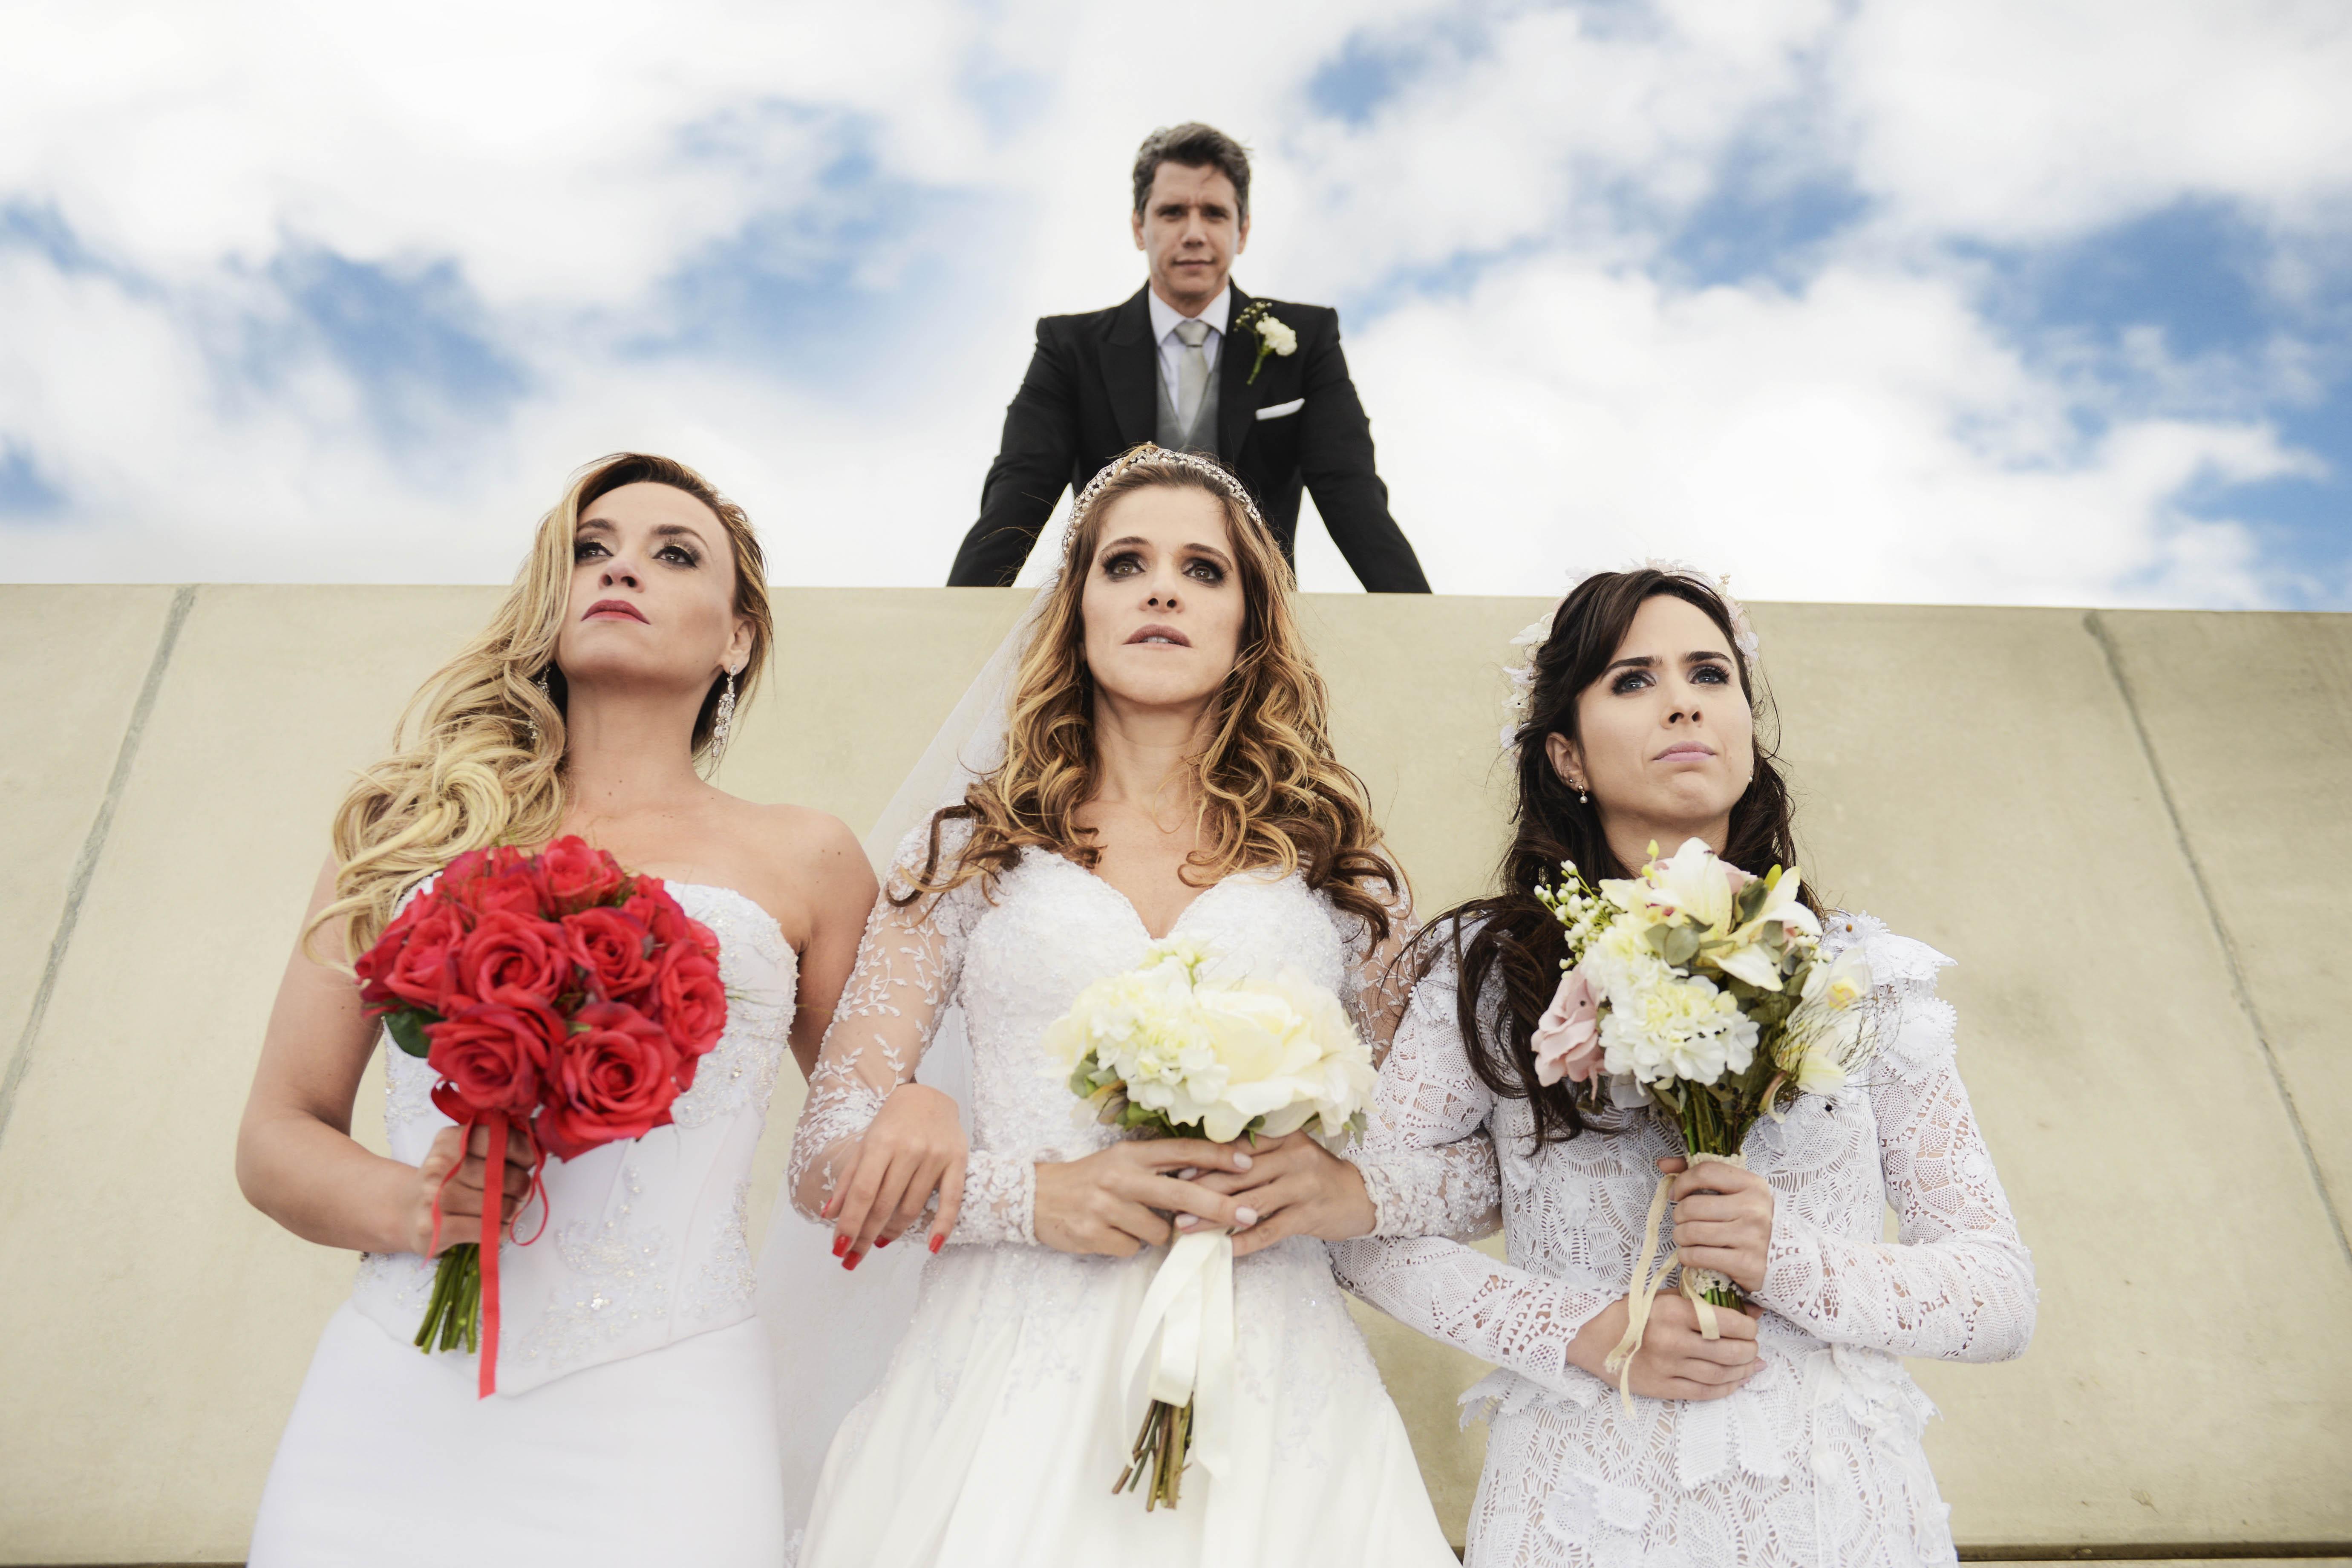 Os 11 melhores filmes sobre casamento para você assistir!